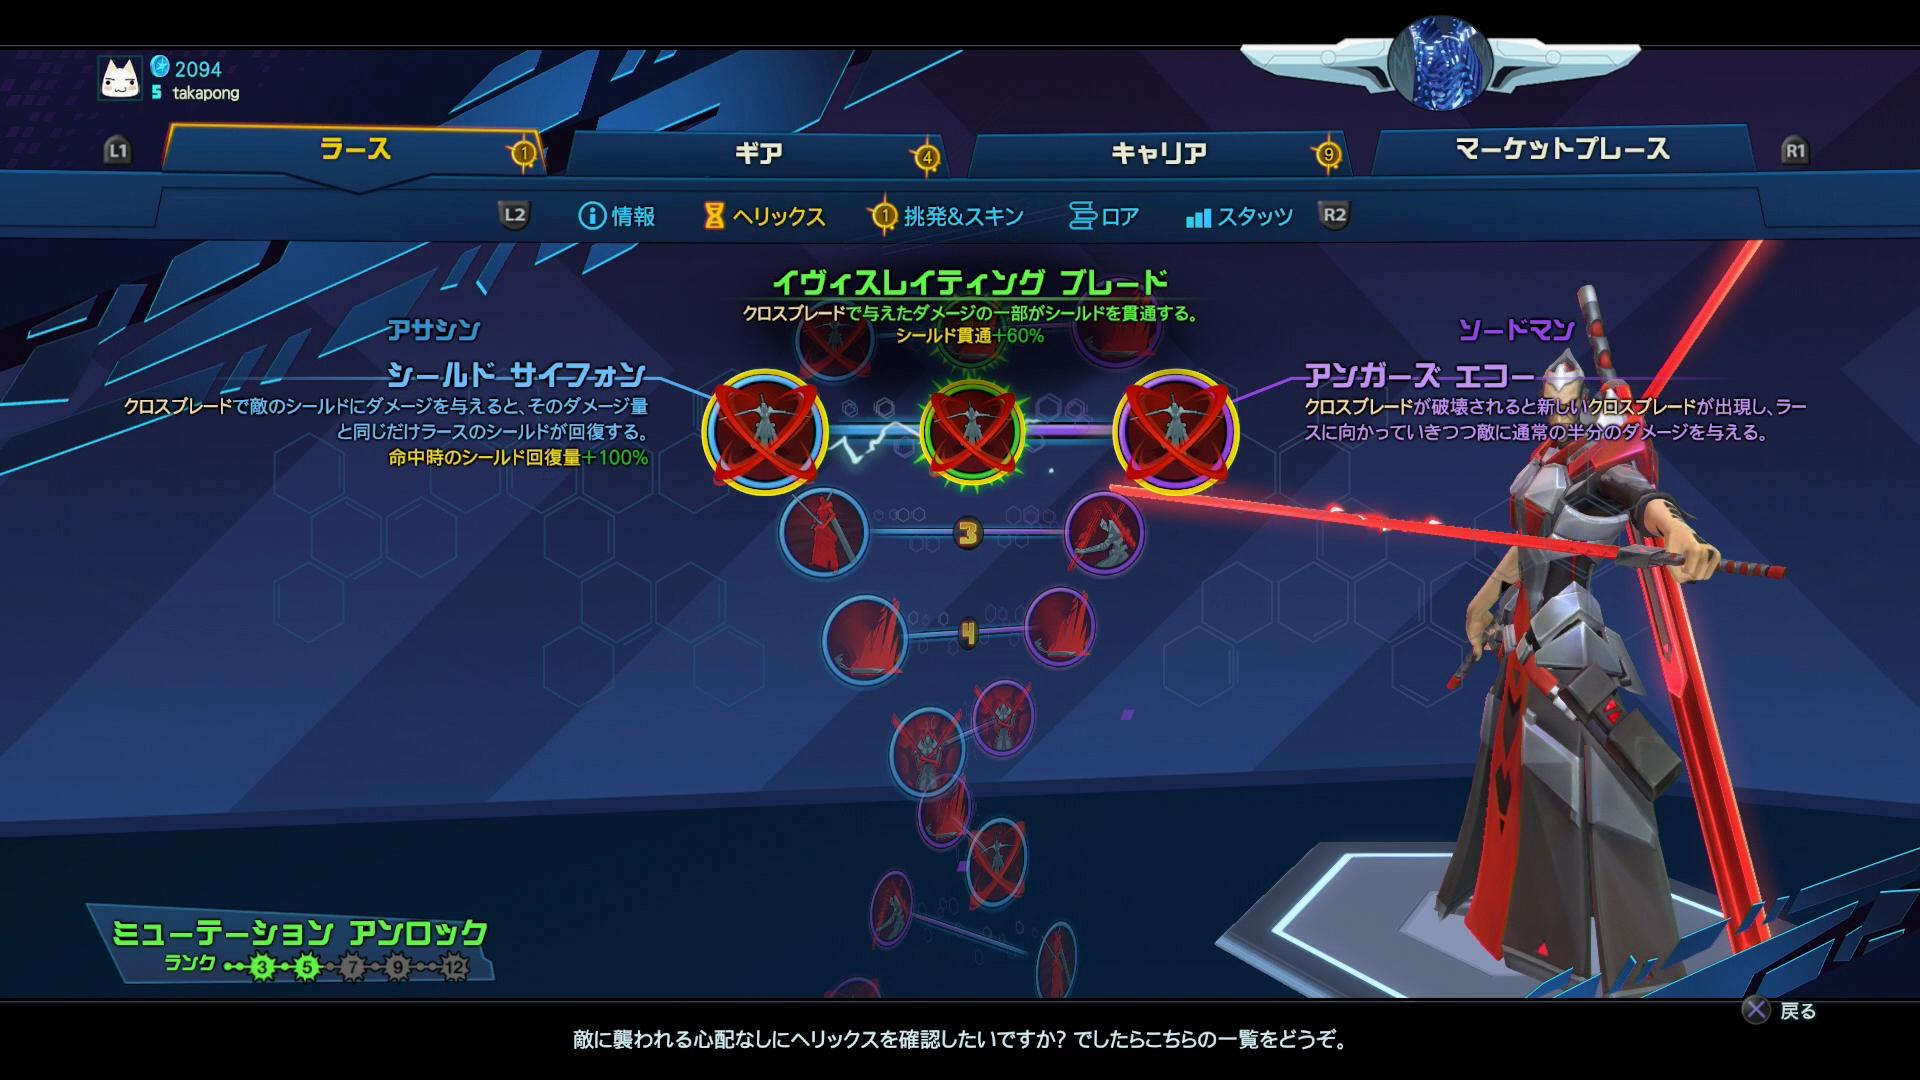 へリックスの一覧はロビーの「コマンド」でキャラクターを選択して確認できる。事前にどんな効果があるのか確認しておけば、プレイ中に迷うことなく、選択できる。他にもここではキャラクターランクを上げることで解除されるスキンの変更や、キャラクターごとに用意された